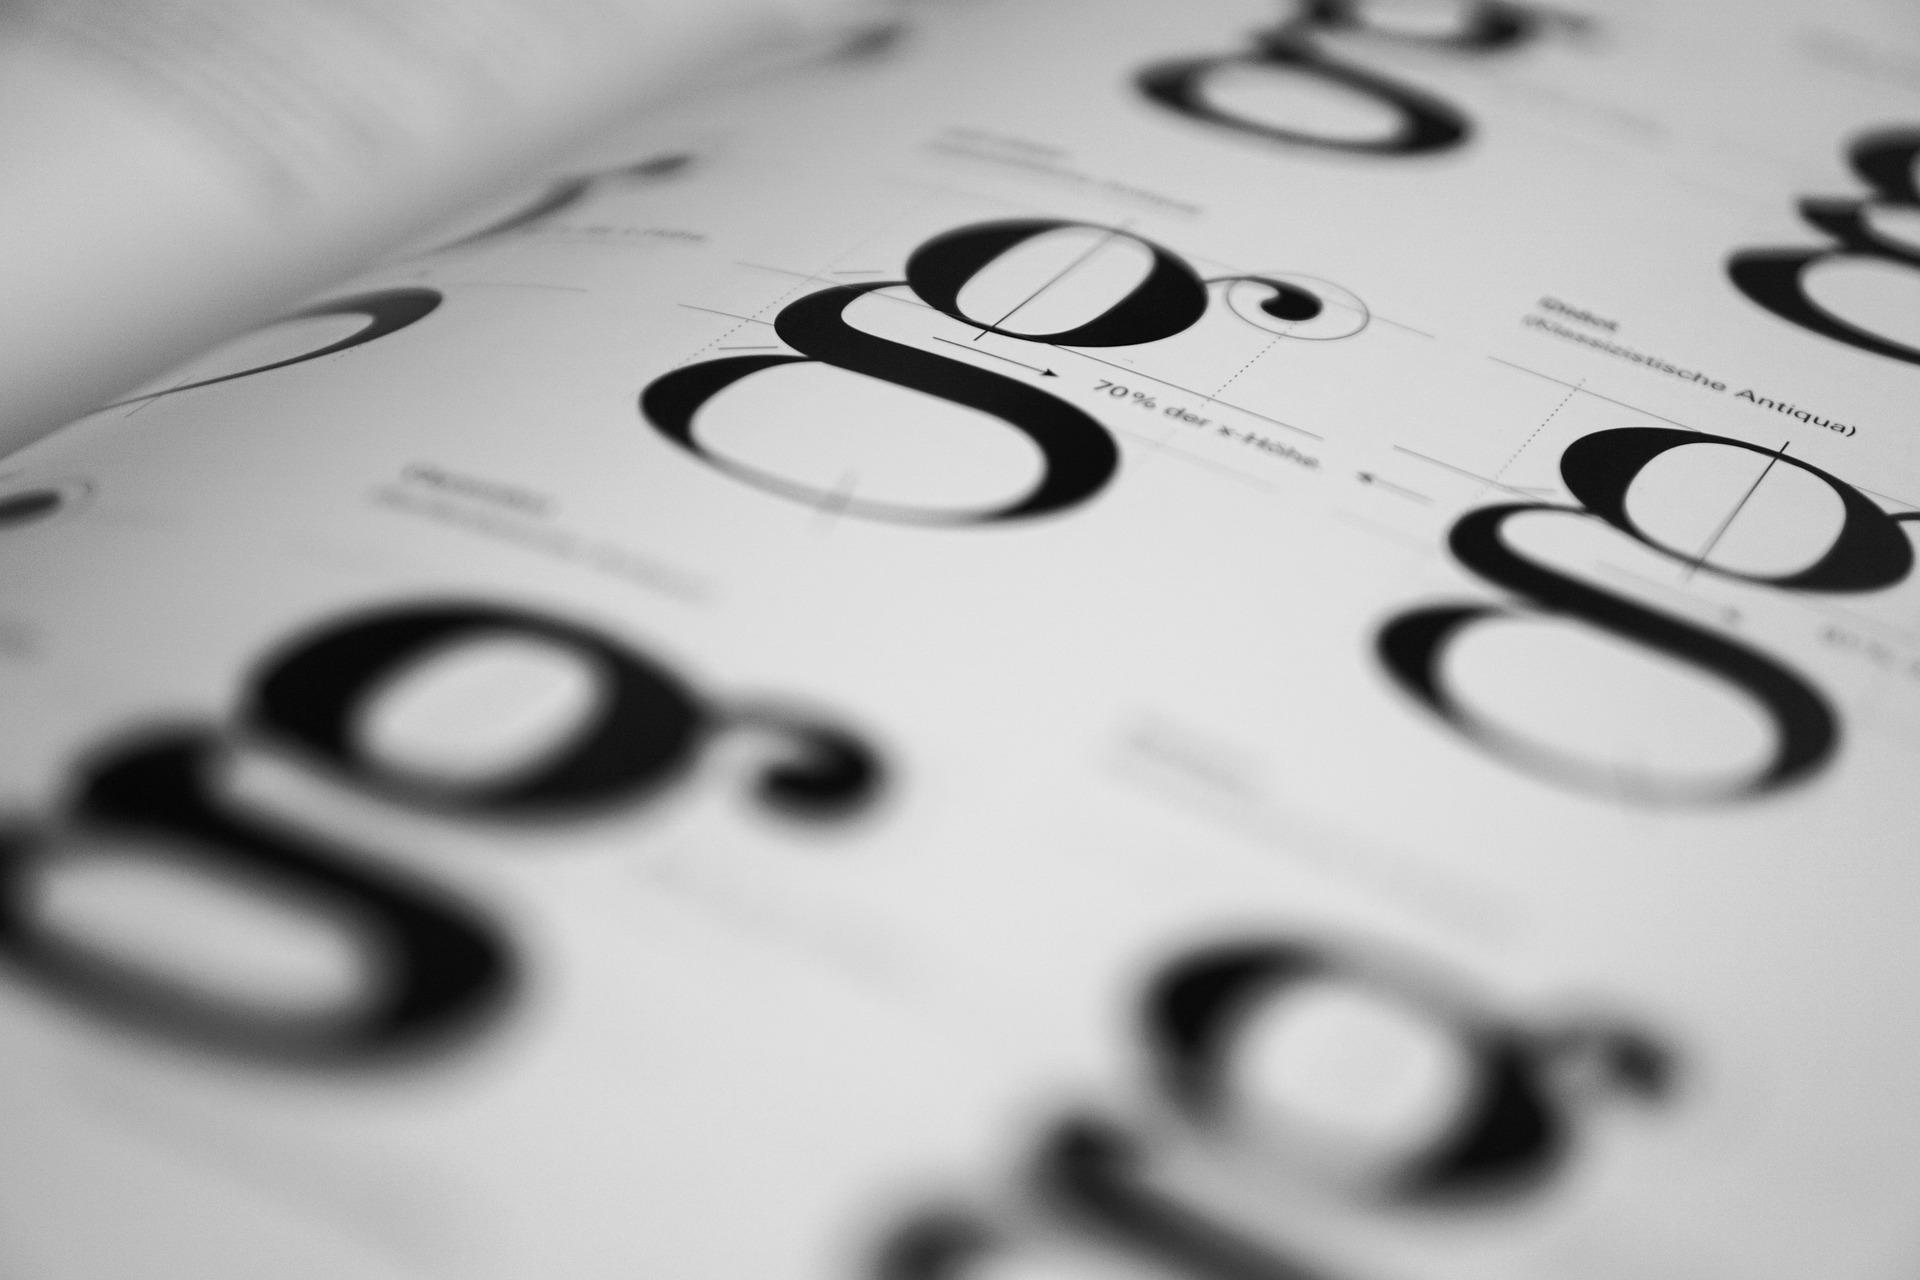 Schriftarten Und Schriftgrößen Im Lebenslauf Worauf Achten